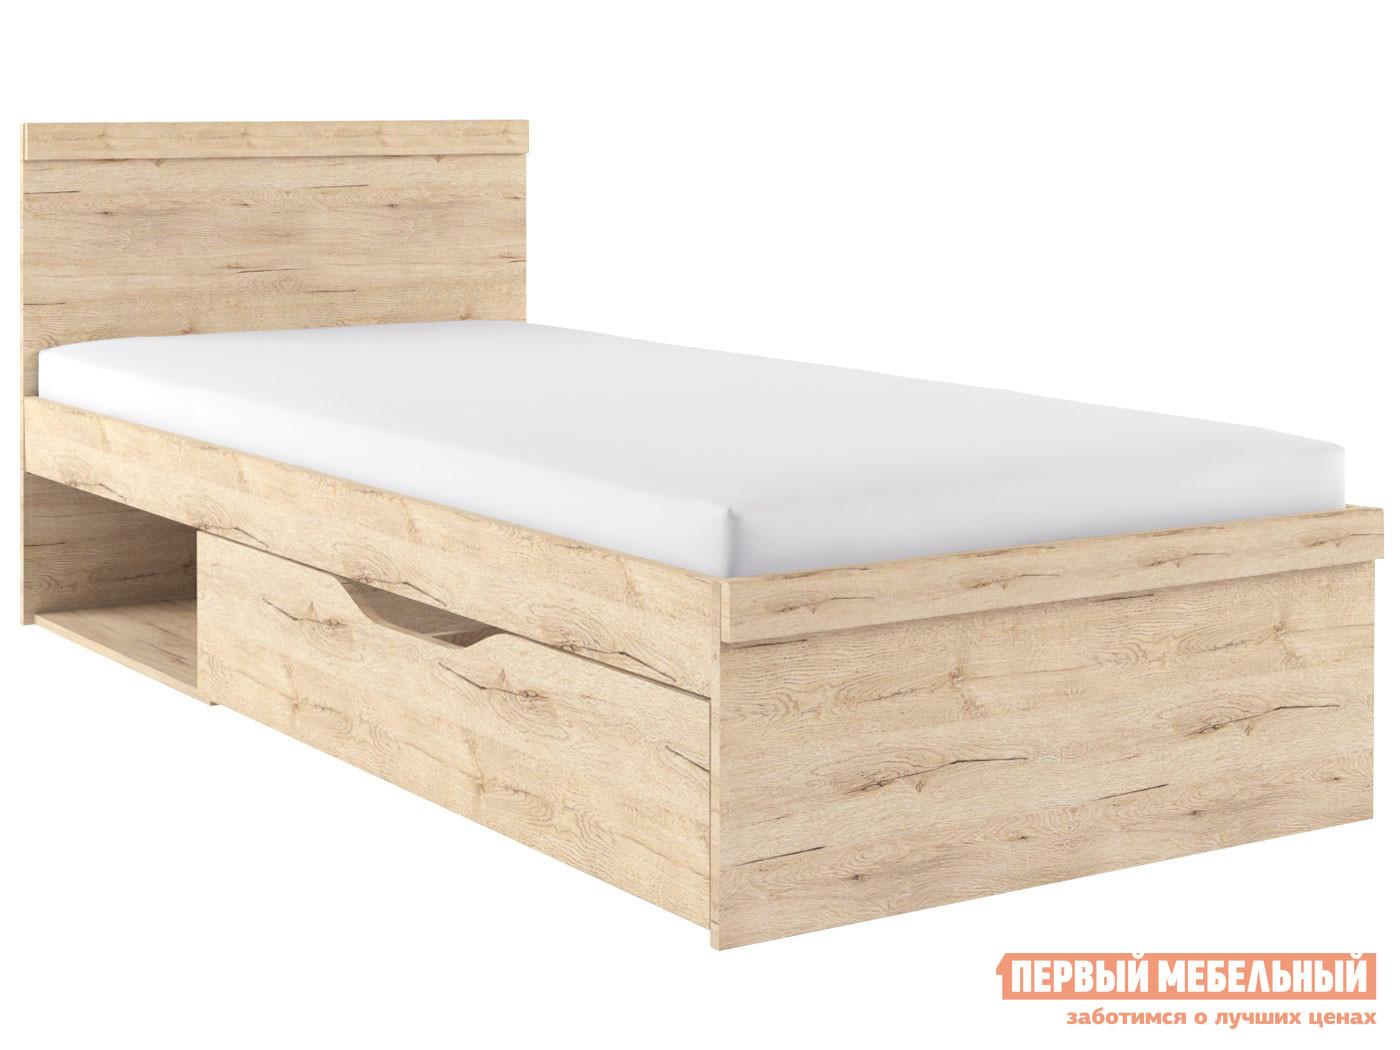 Односпальная кровать Первый Мебельный Кровать с ящиком Оскар односпальная кровать первый мебельный кровать молодежная оксфорд